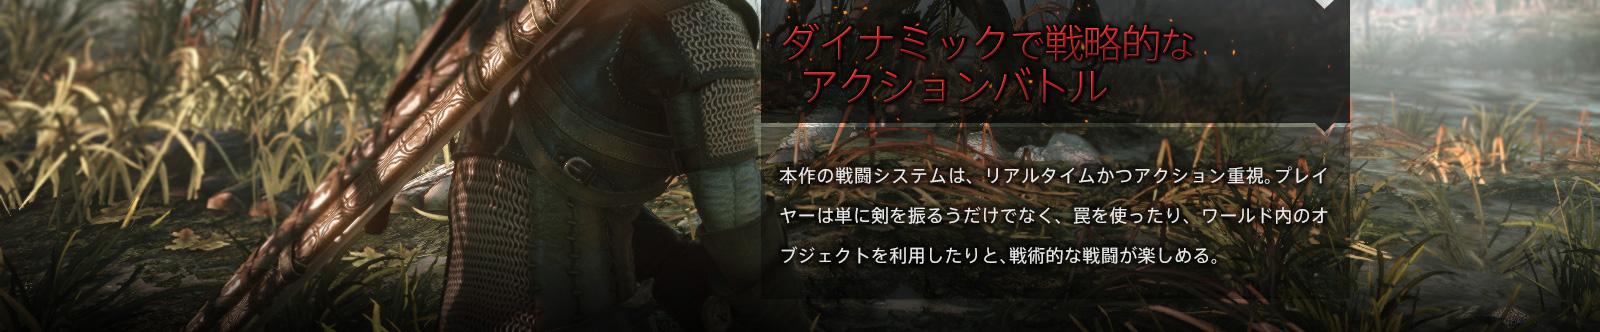 ダイナミックで戦略的なアクションバトル 本作の戦闘システムは、リアルタイムかつアクション重視。プレイヤーは単に剣を振るうだけでなく、罠を使ったり、ワールド内のオブジェクトを利用したりと、戦術的な戦闘が楽しめる。